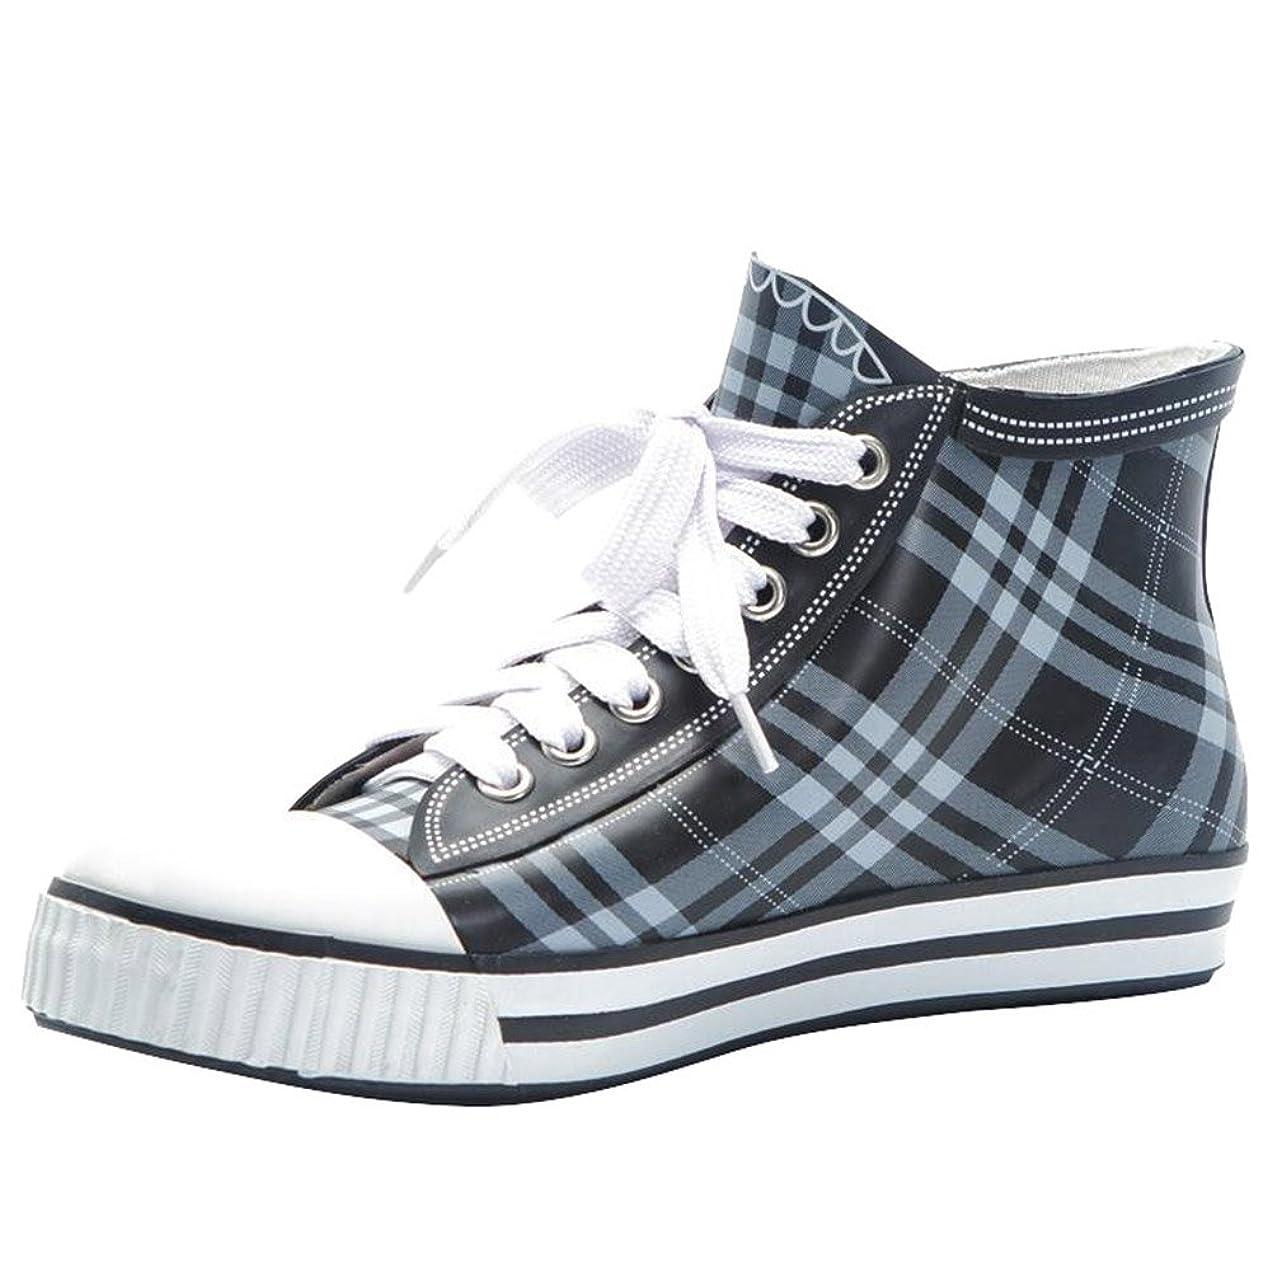 ミシン死にかけている逮捕[Cozy Maker] C&M レインブーツ レインシューズ レディース シューズ ブーツ 雨靴 雨の日 梅雨 可愛い 雨対策 防水 撥水 水作業 軽量 おしゃれ レースアップ 大きいサイズ